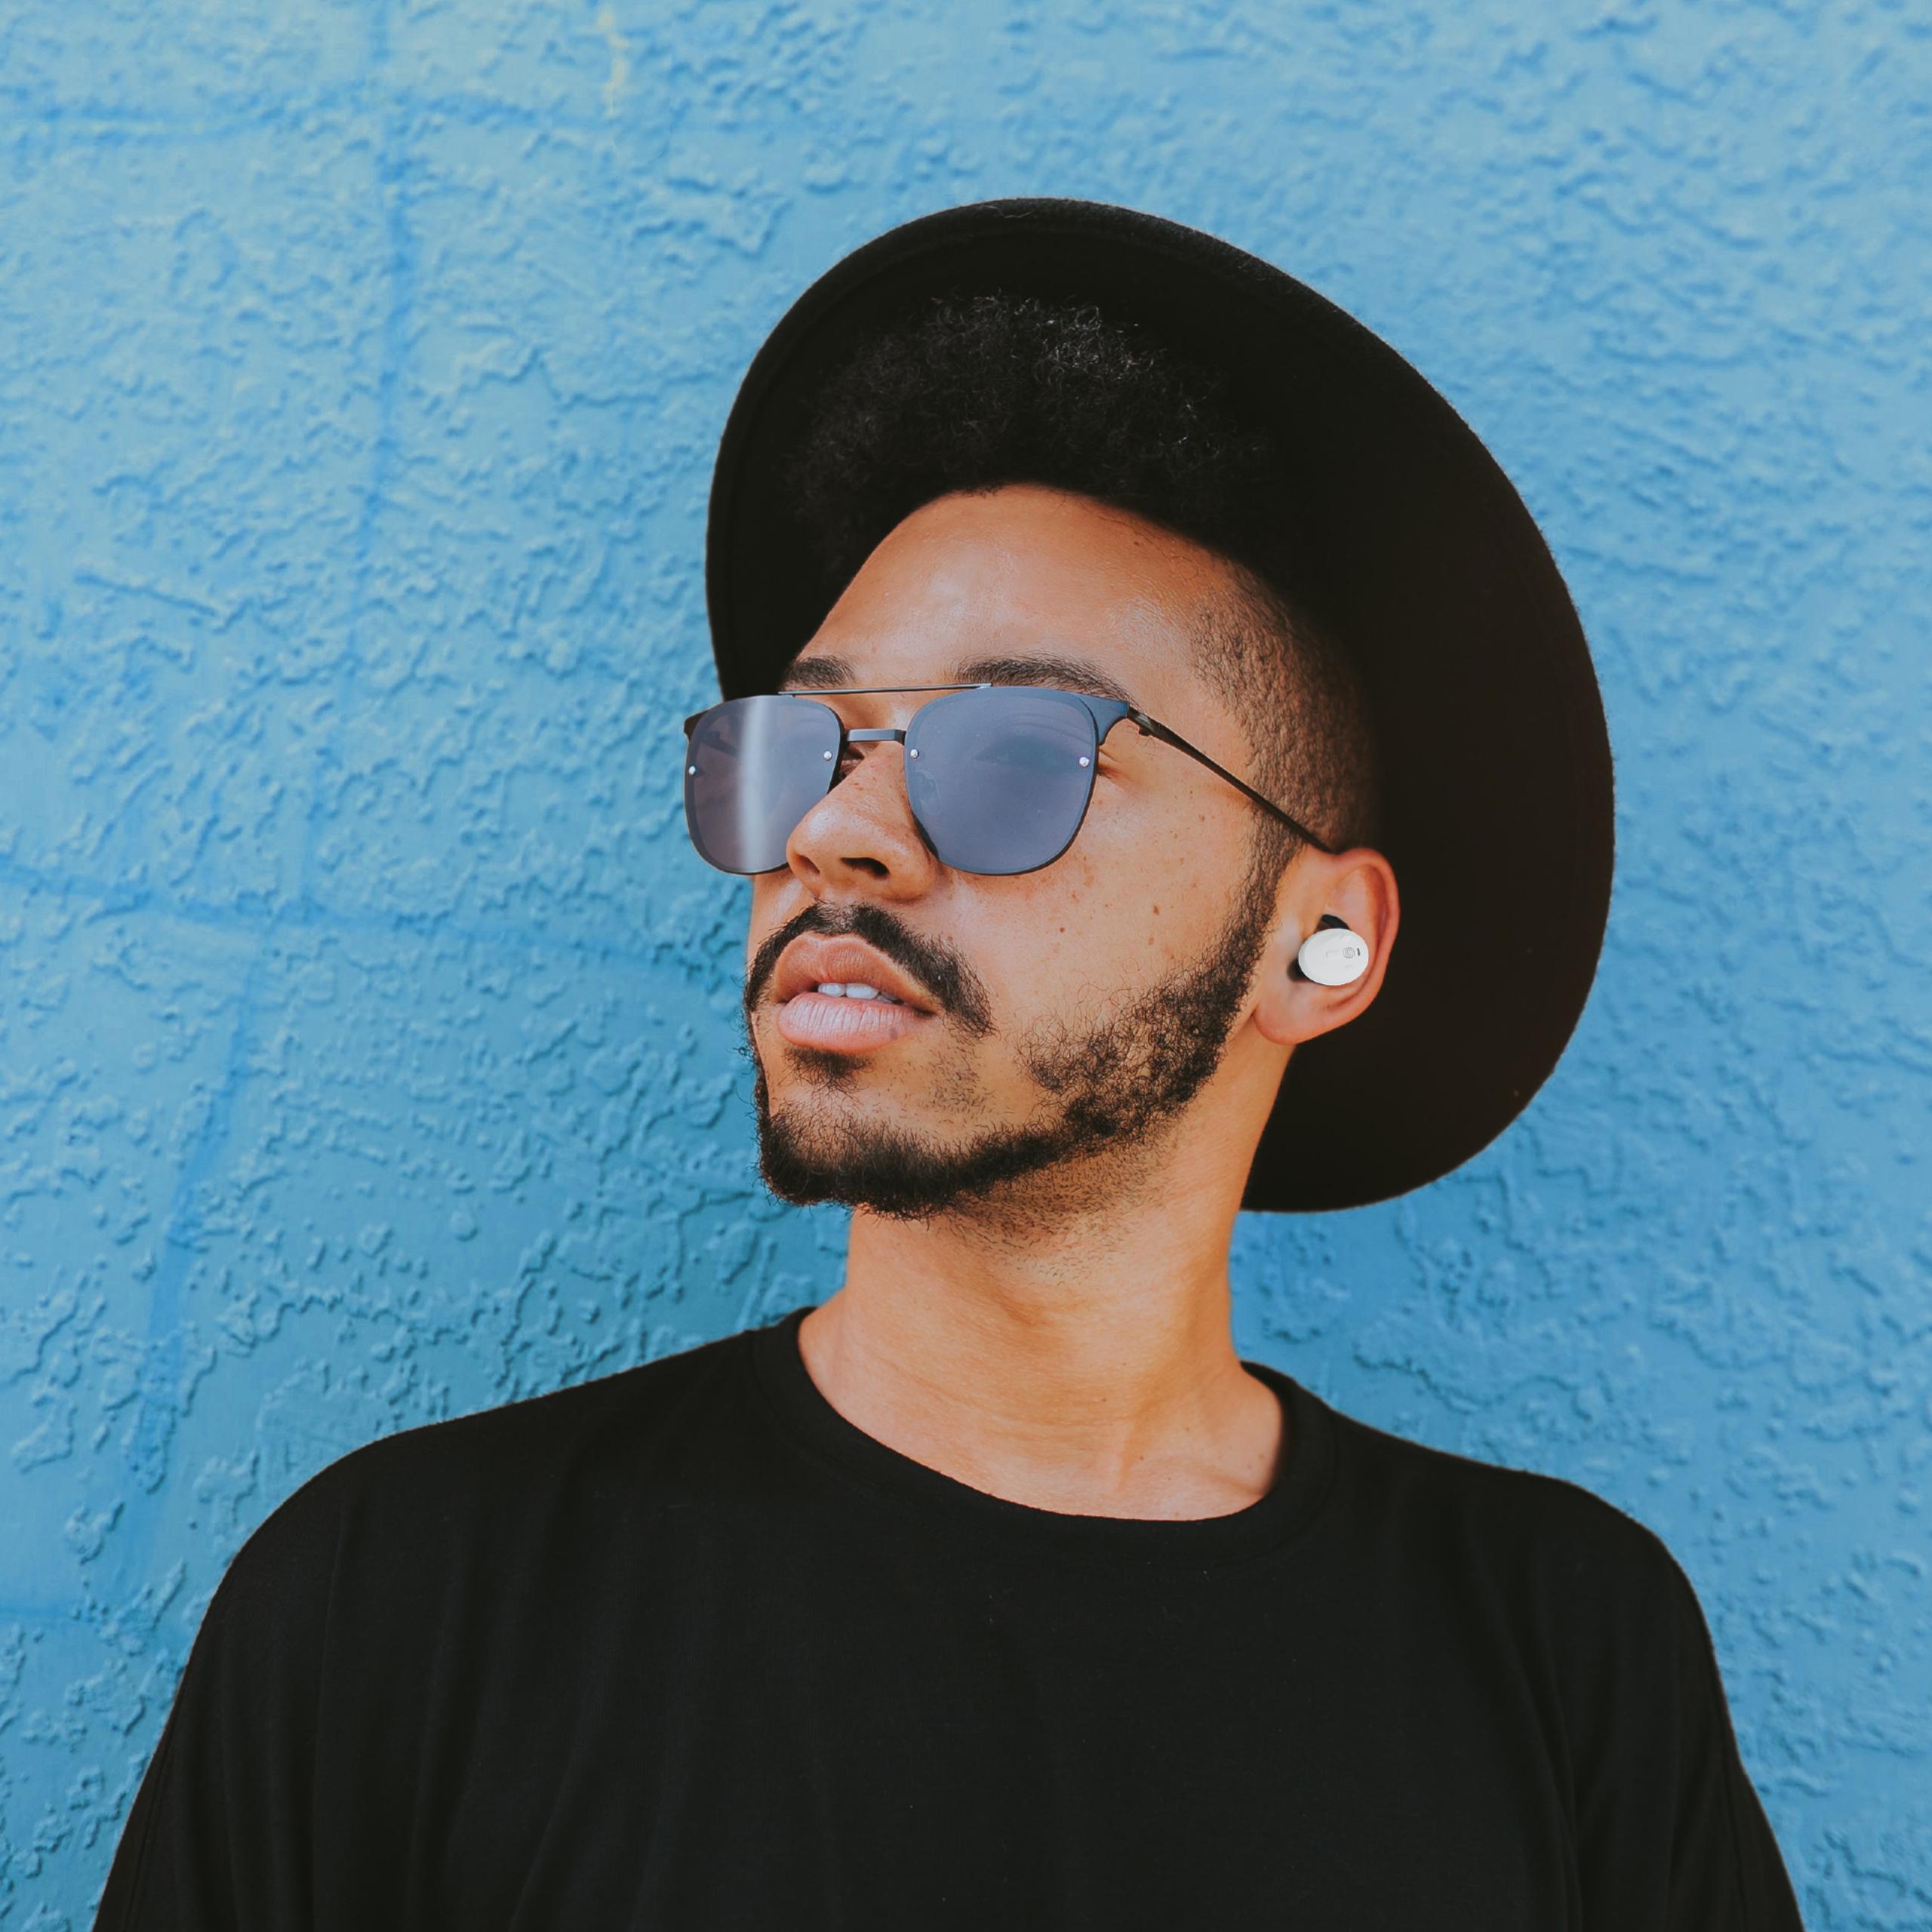 zij-aanzicht-draadloze-muziek-oordoppen